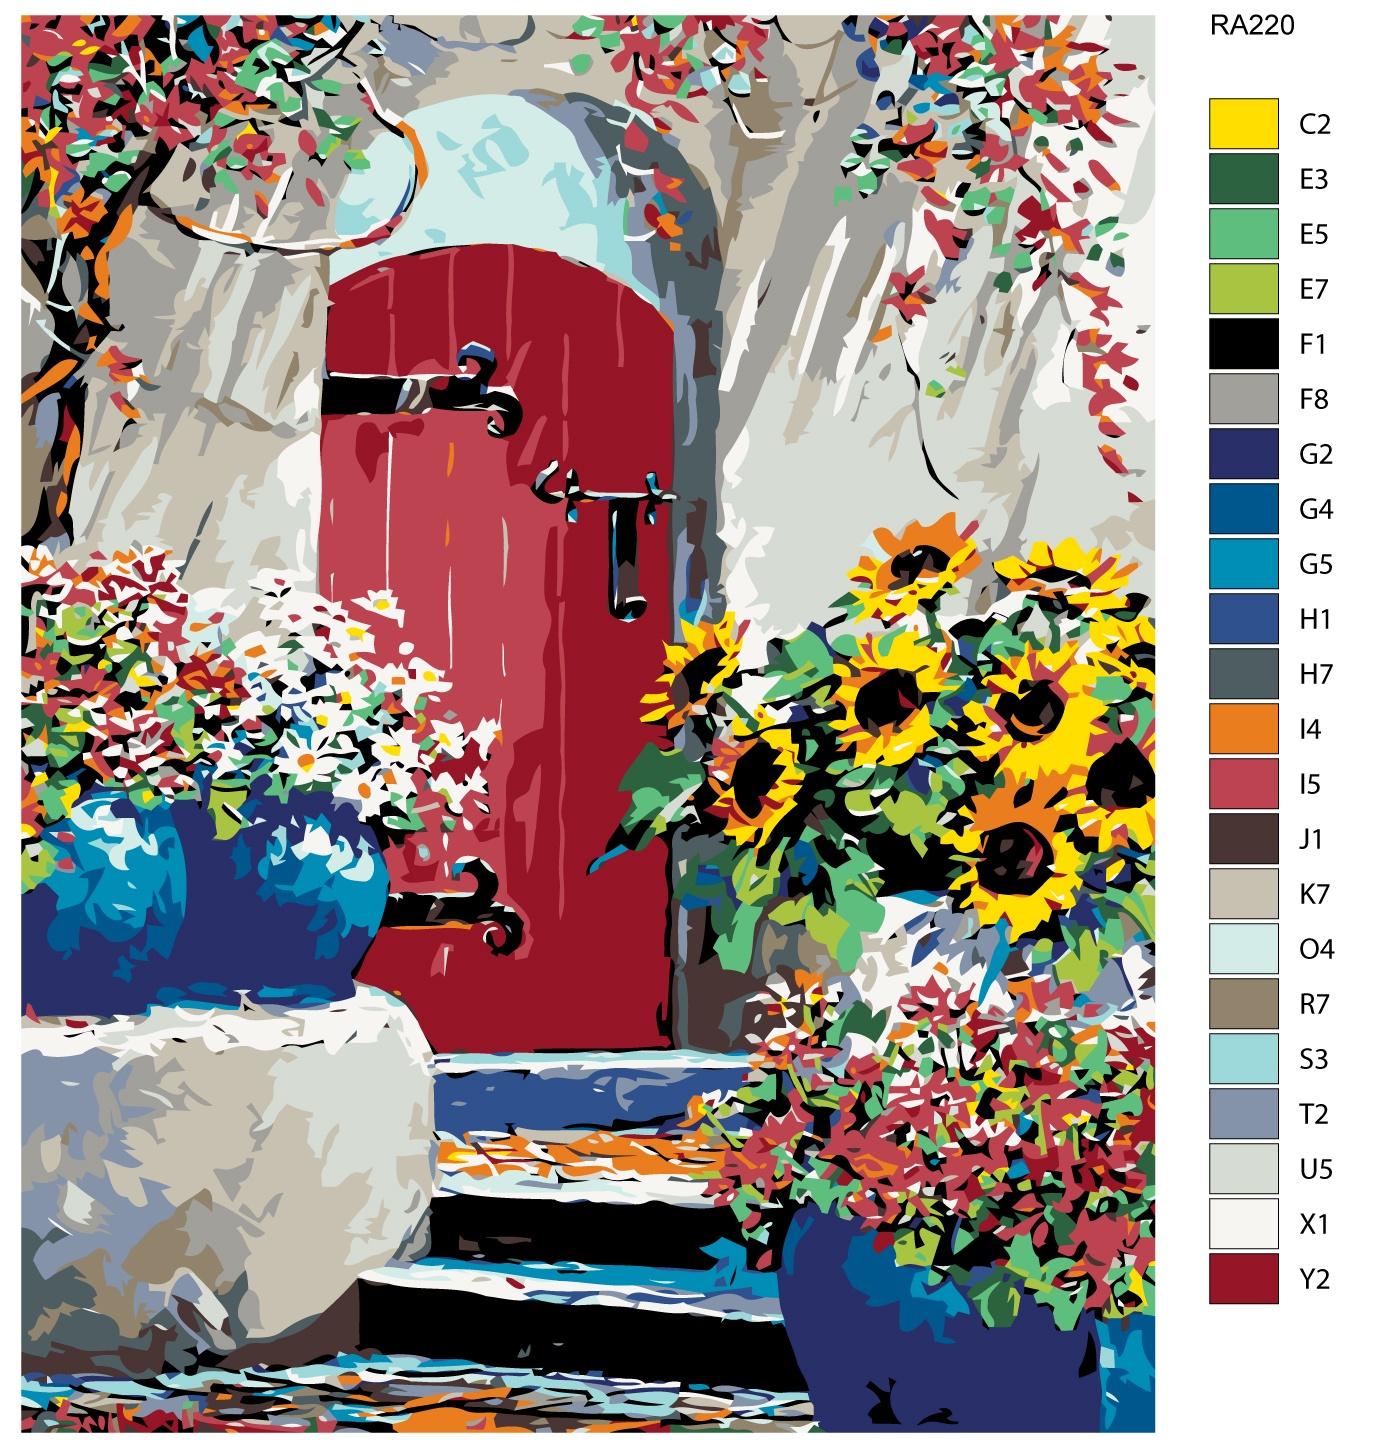 Картина по номерам, 80 x 100 см, RA220